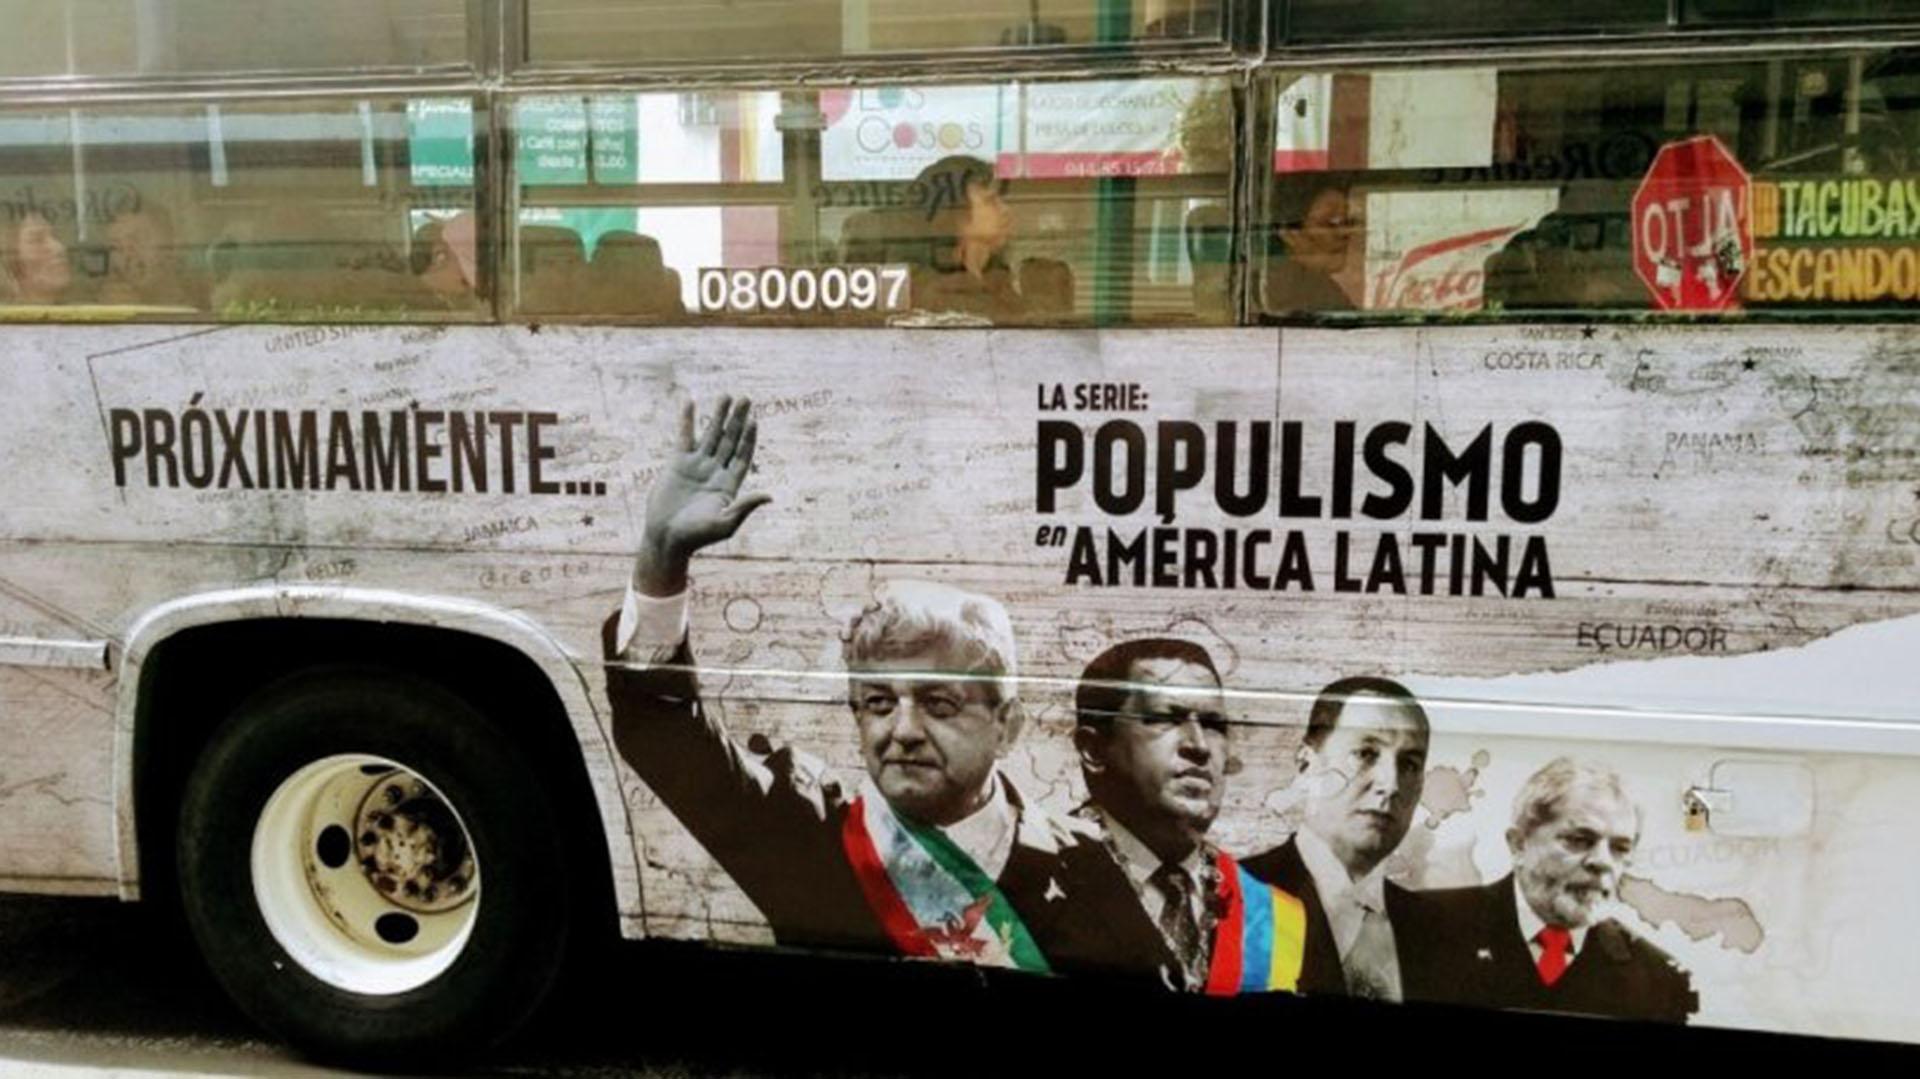 Publicidad en autobuses de transporte público que anunciaban la próxima transmisión de la serie.